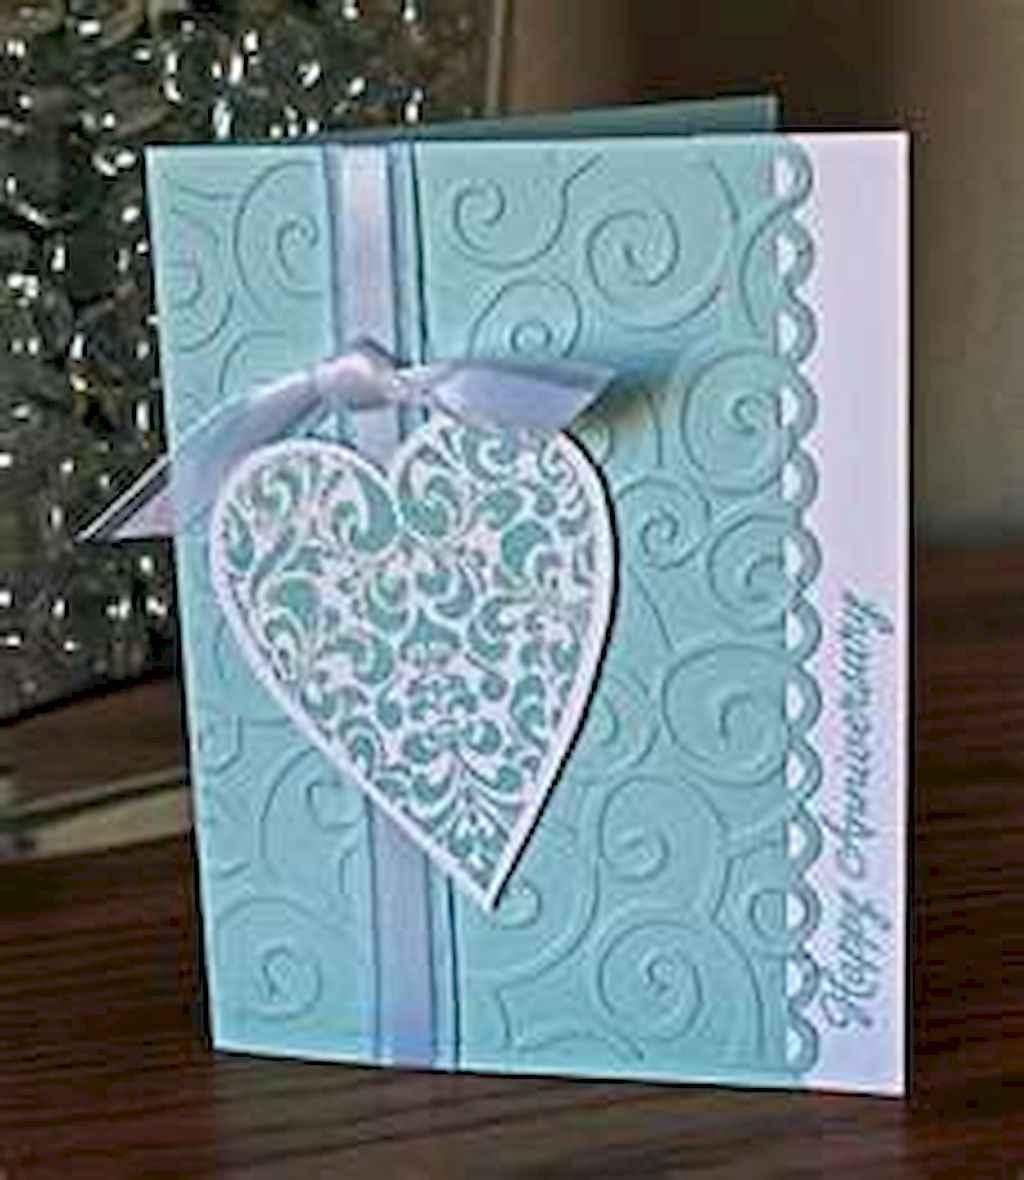 50 Romantic Valentines Cards Design Ideas (29)